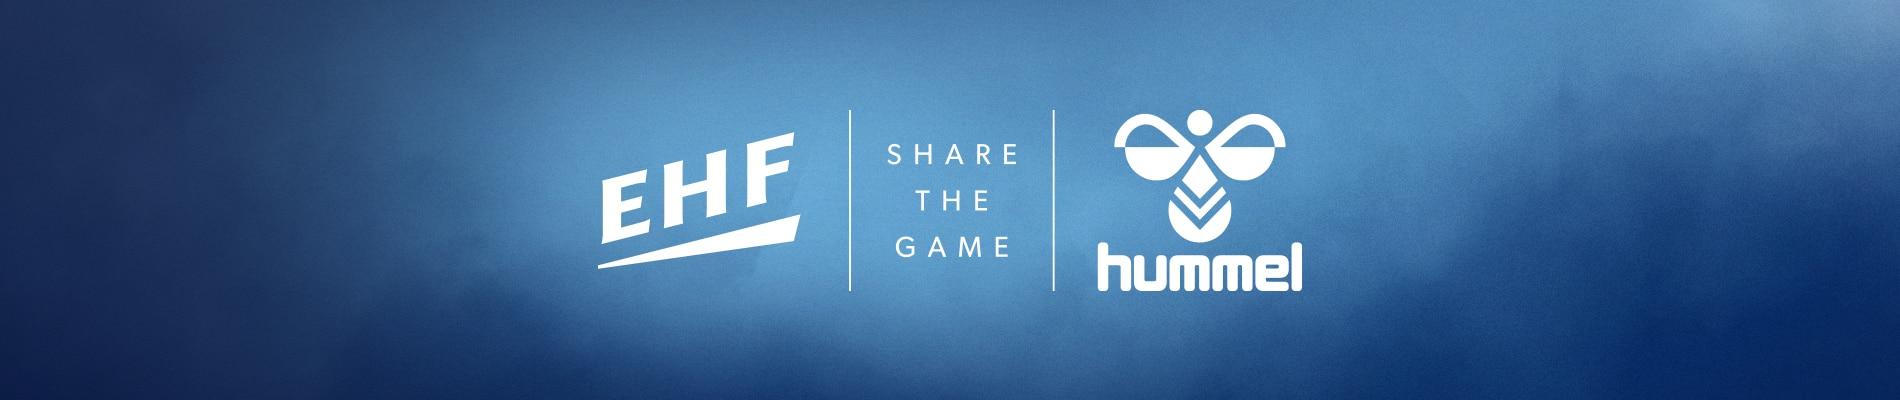 hummel-signe-un-contrat-de-4-ans-avec-la-federation-europeenne-de-handball-ehf-1